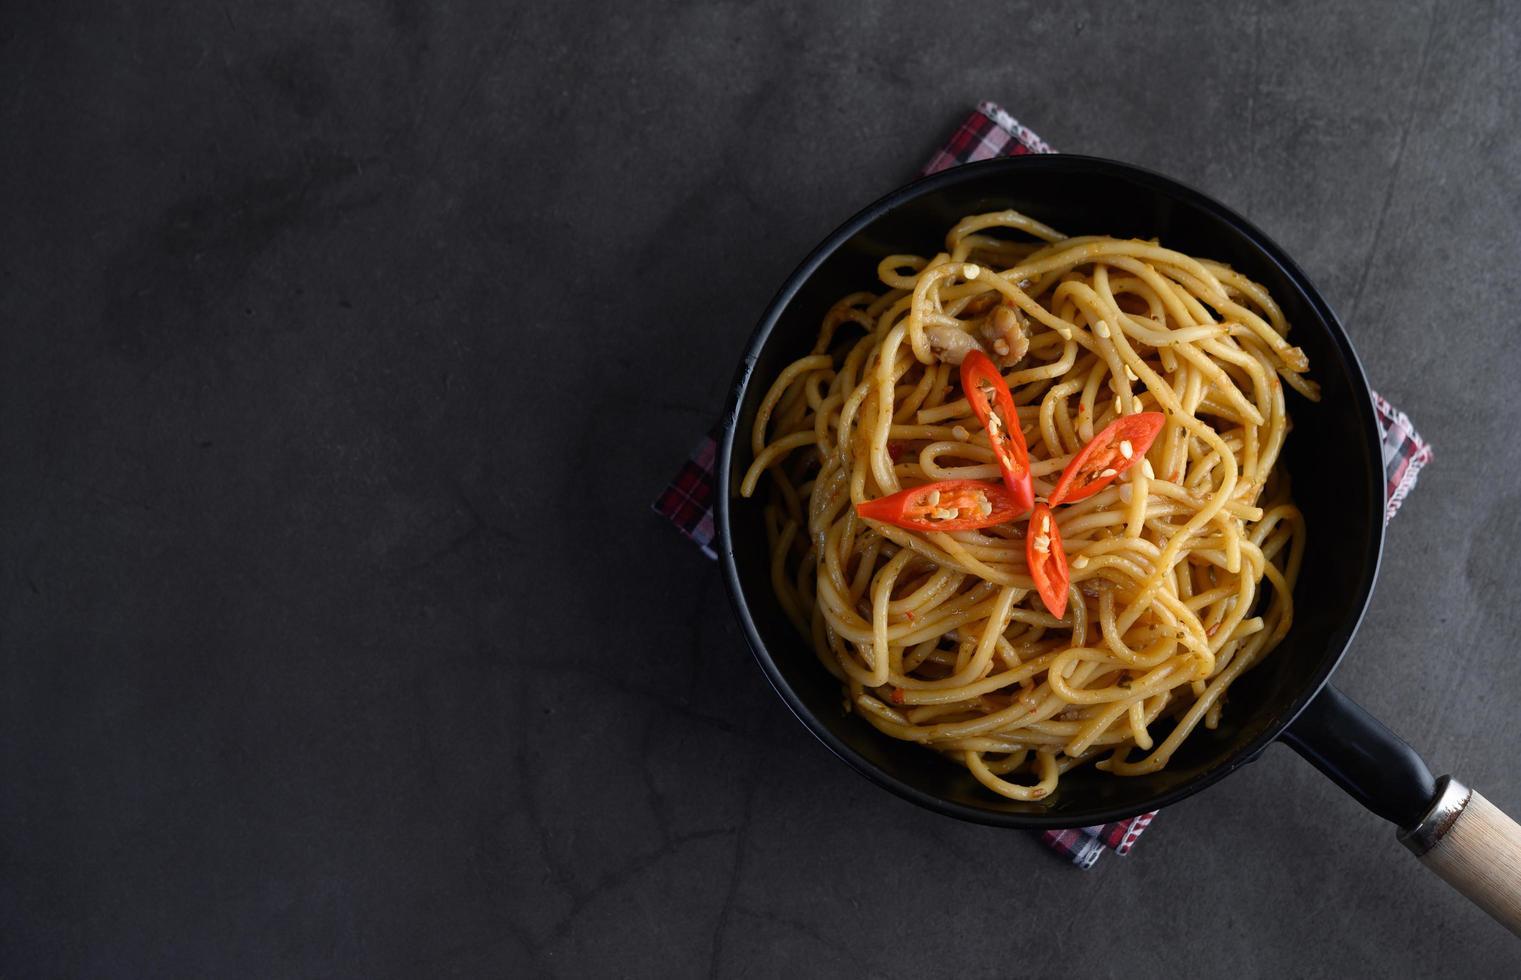 pasta italiana degli spaghetti con salsa al pomodoro foto